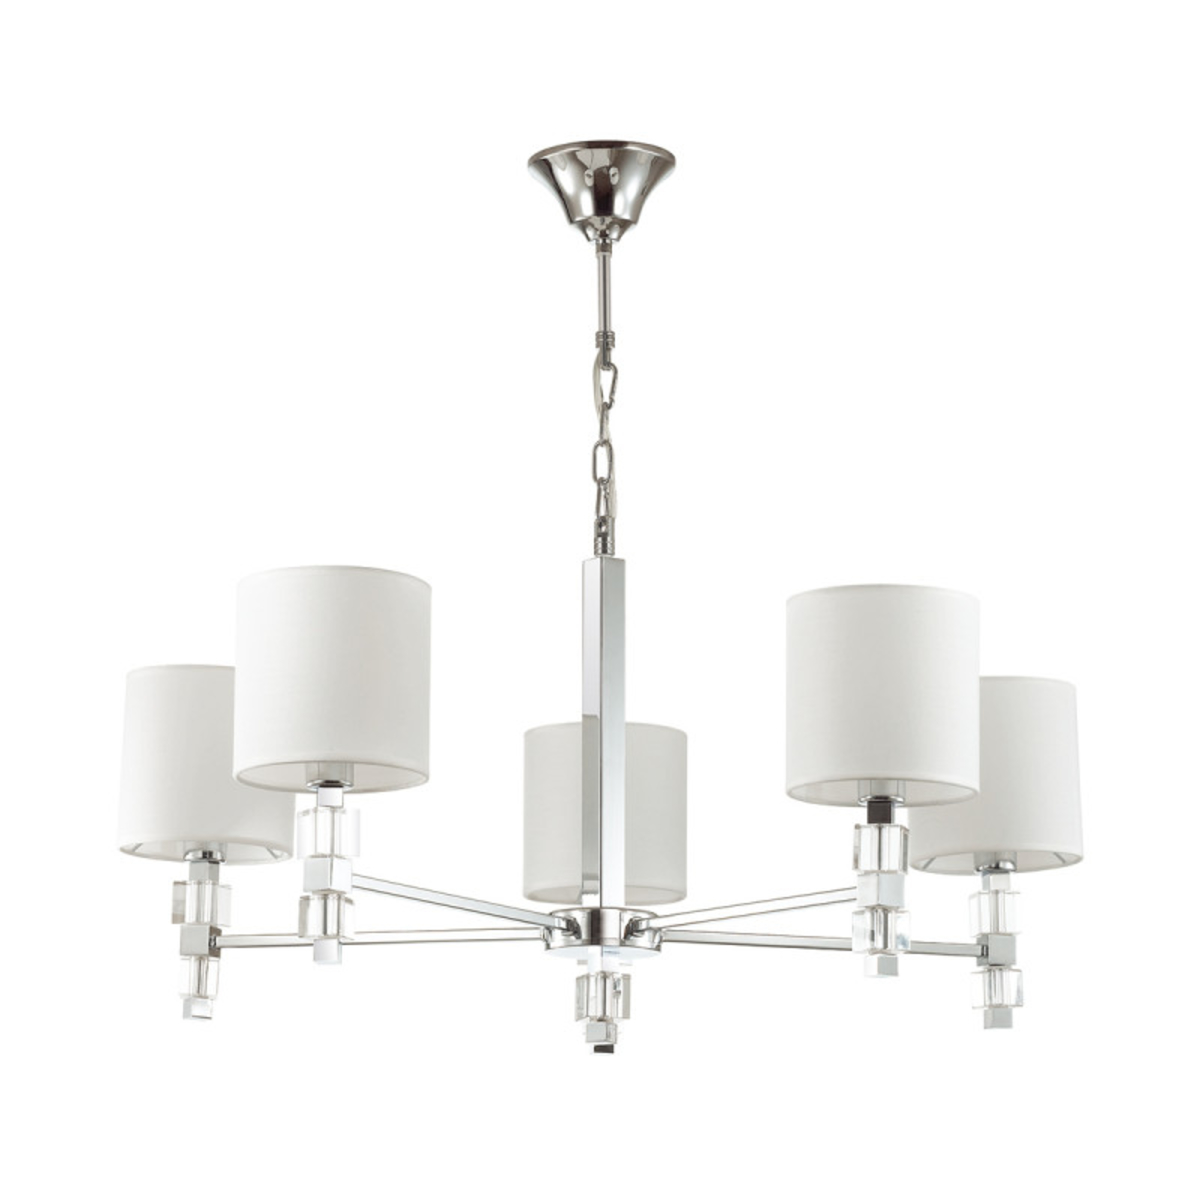 Купить Подвесная люстра Pavia Подвесная люстра Odeon Light 4113/5 (15485), HomeMe